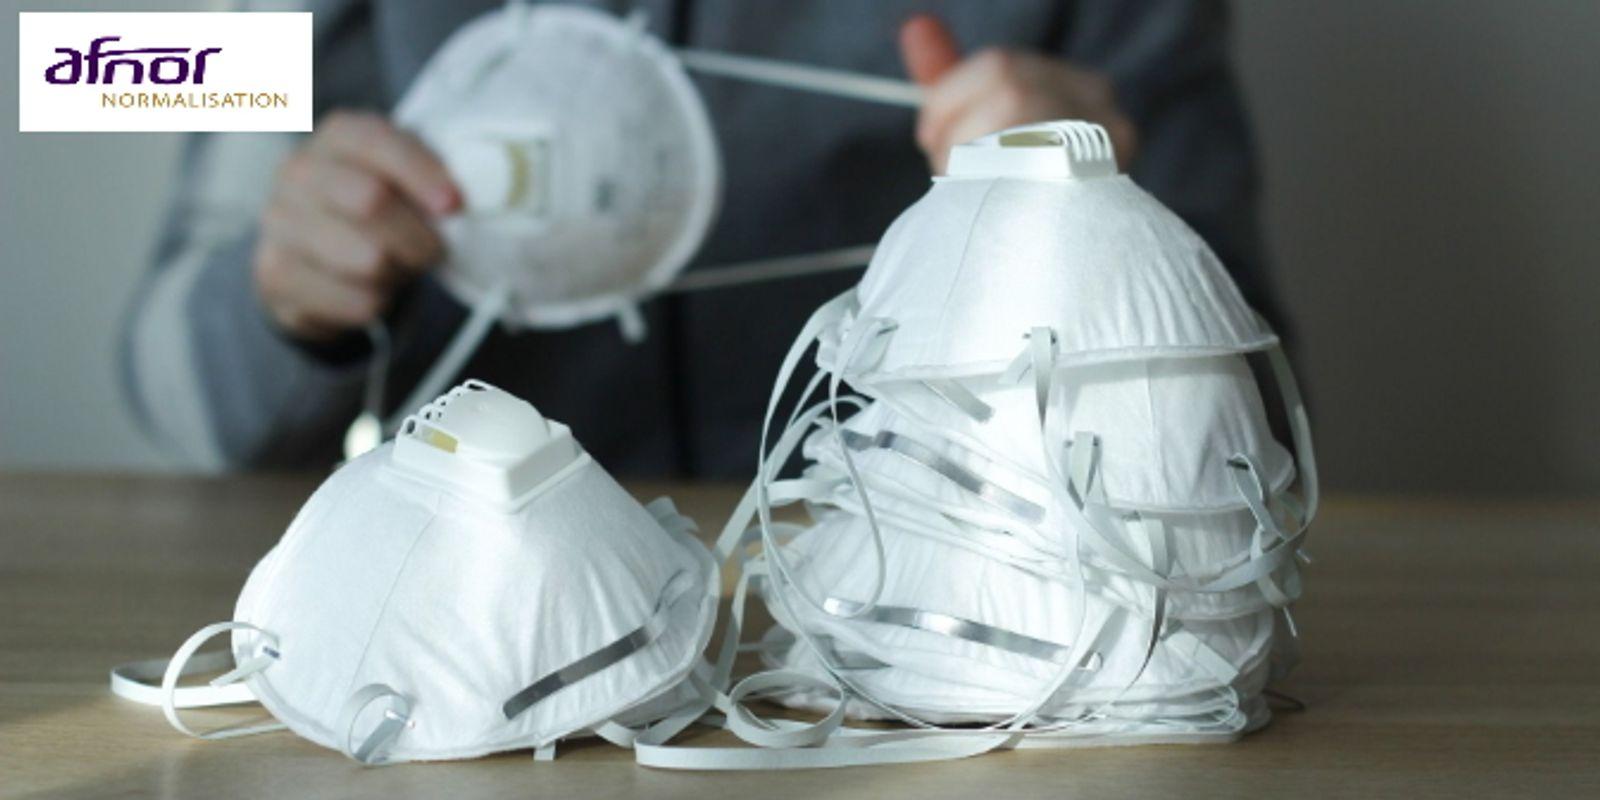 Confection de masques barrière : découvrez le référentiel AFNOR et partagez vos retours d'expérience !